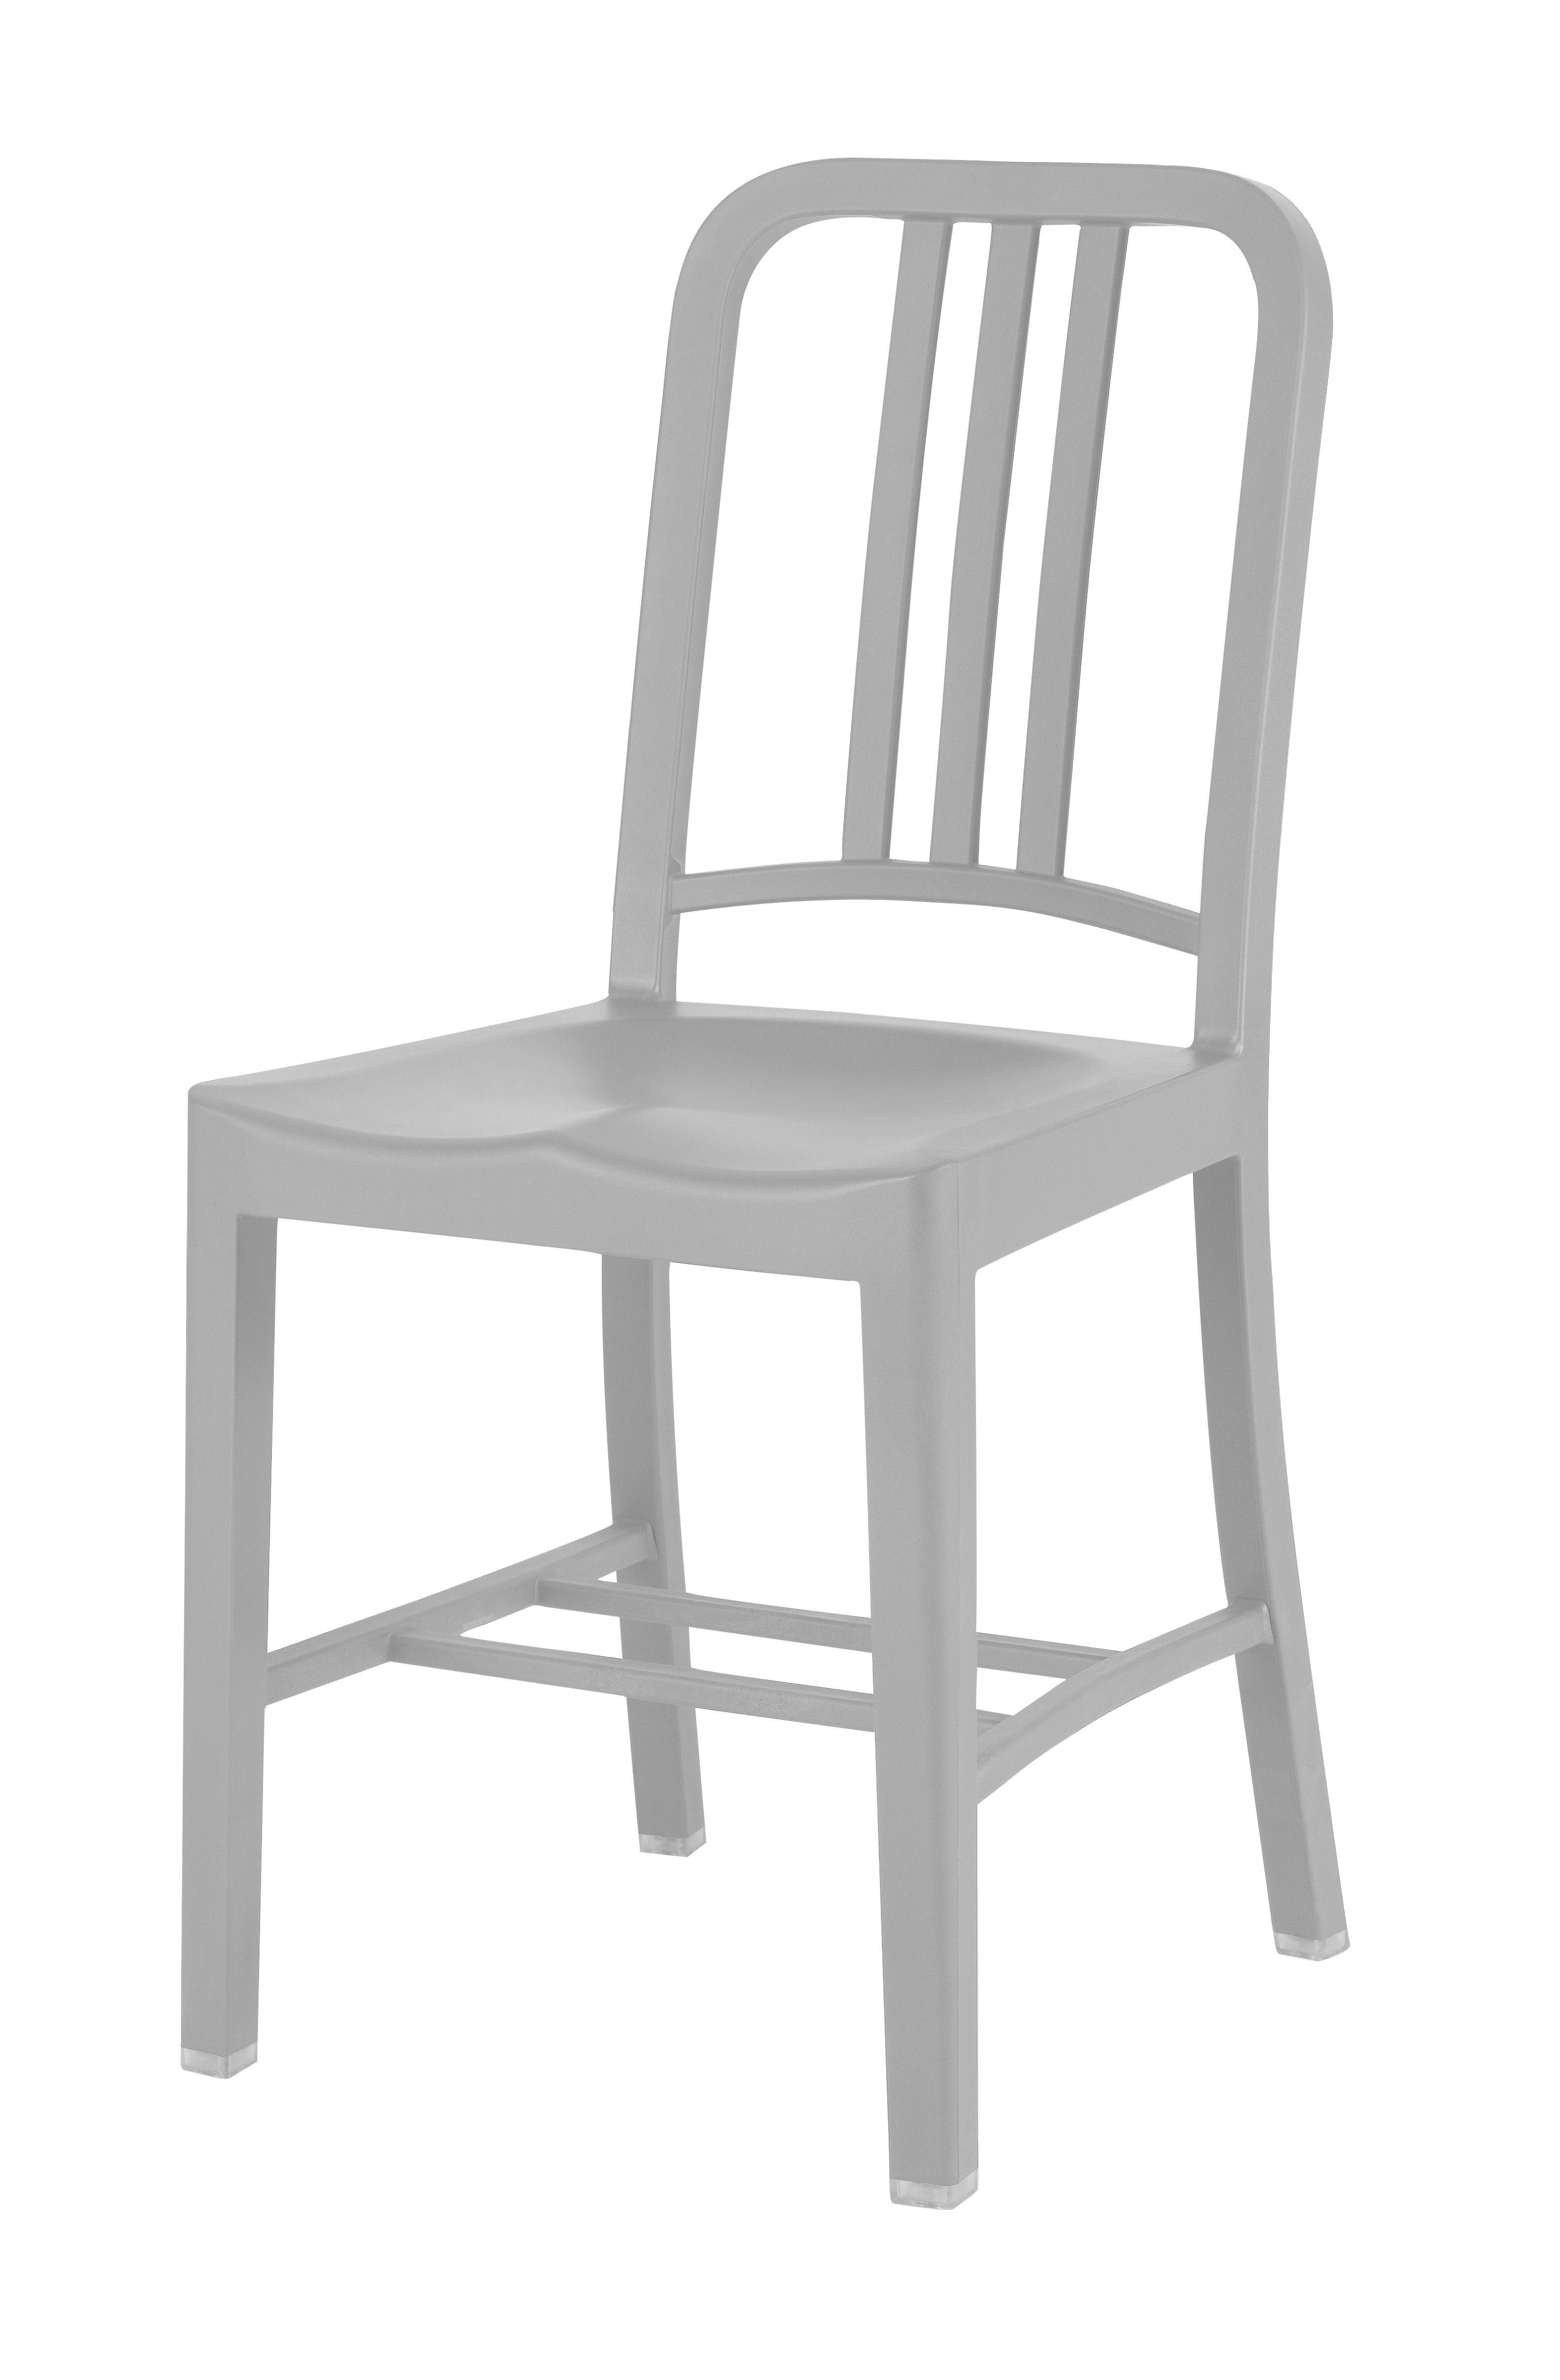 Arredamento - Sedie  - Sedia 111 Navy chair Outdoor di Emeco - Grigio chiaro - Fibra di vetro